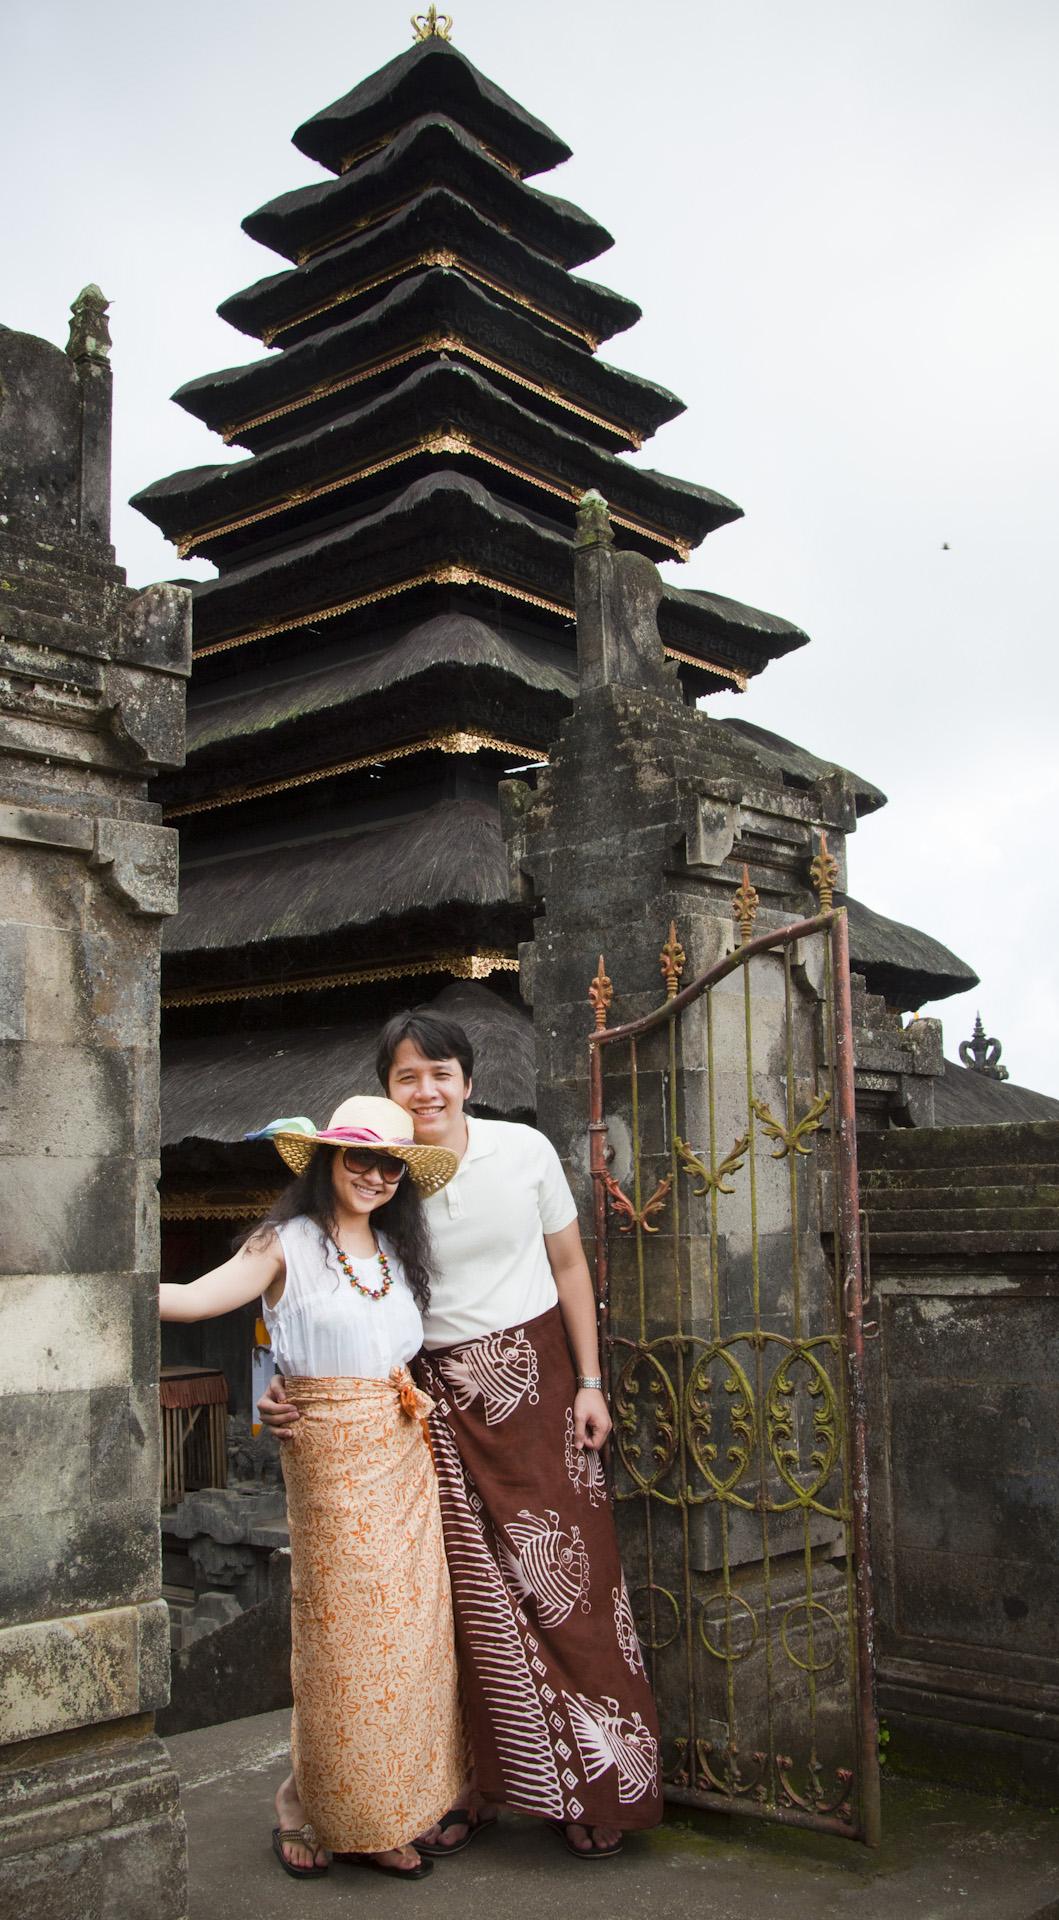 Bali Nov '11 no.064